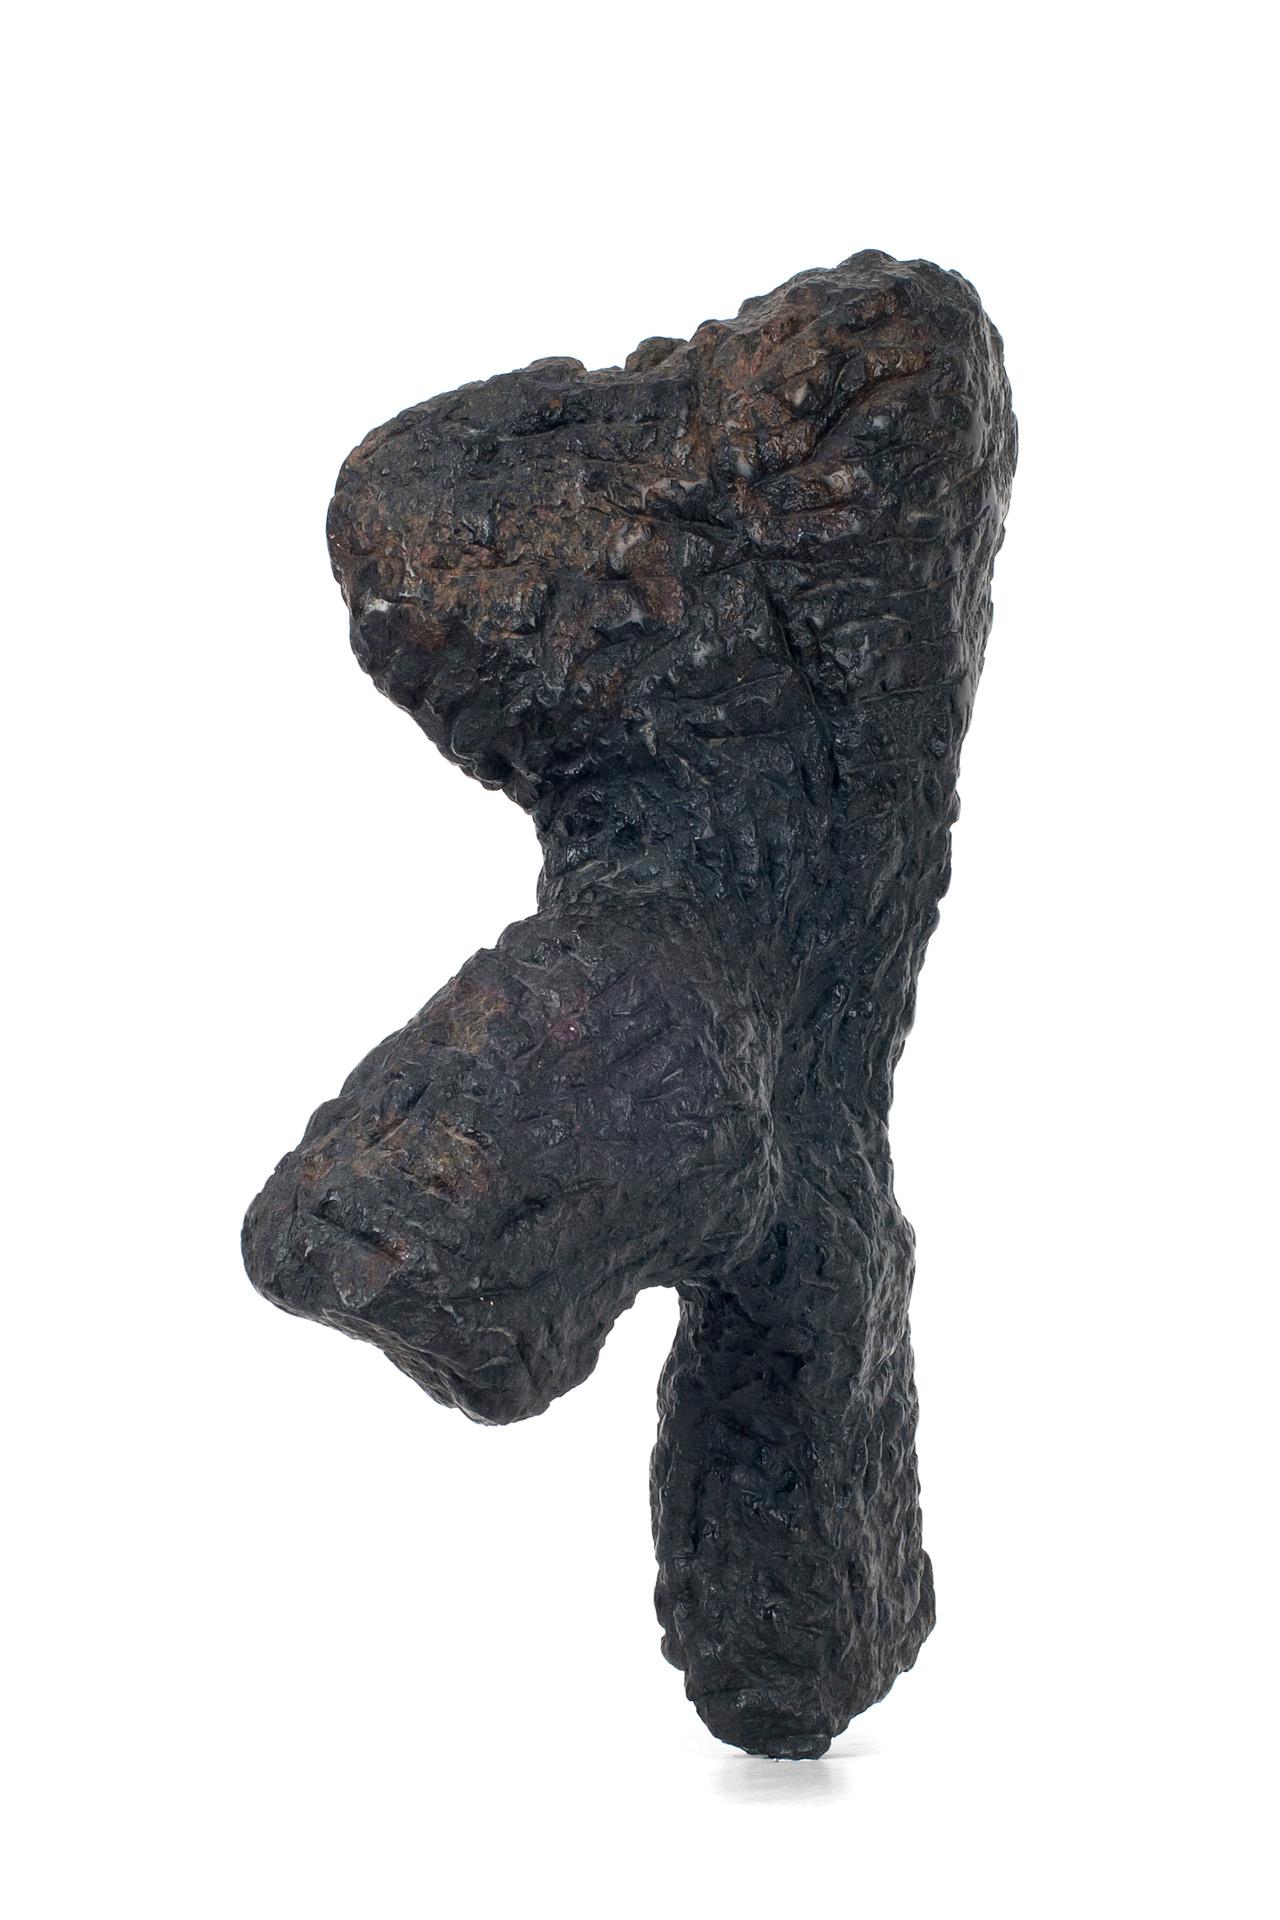 Skulpturen, Plastiken von Martin Amerbauer